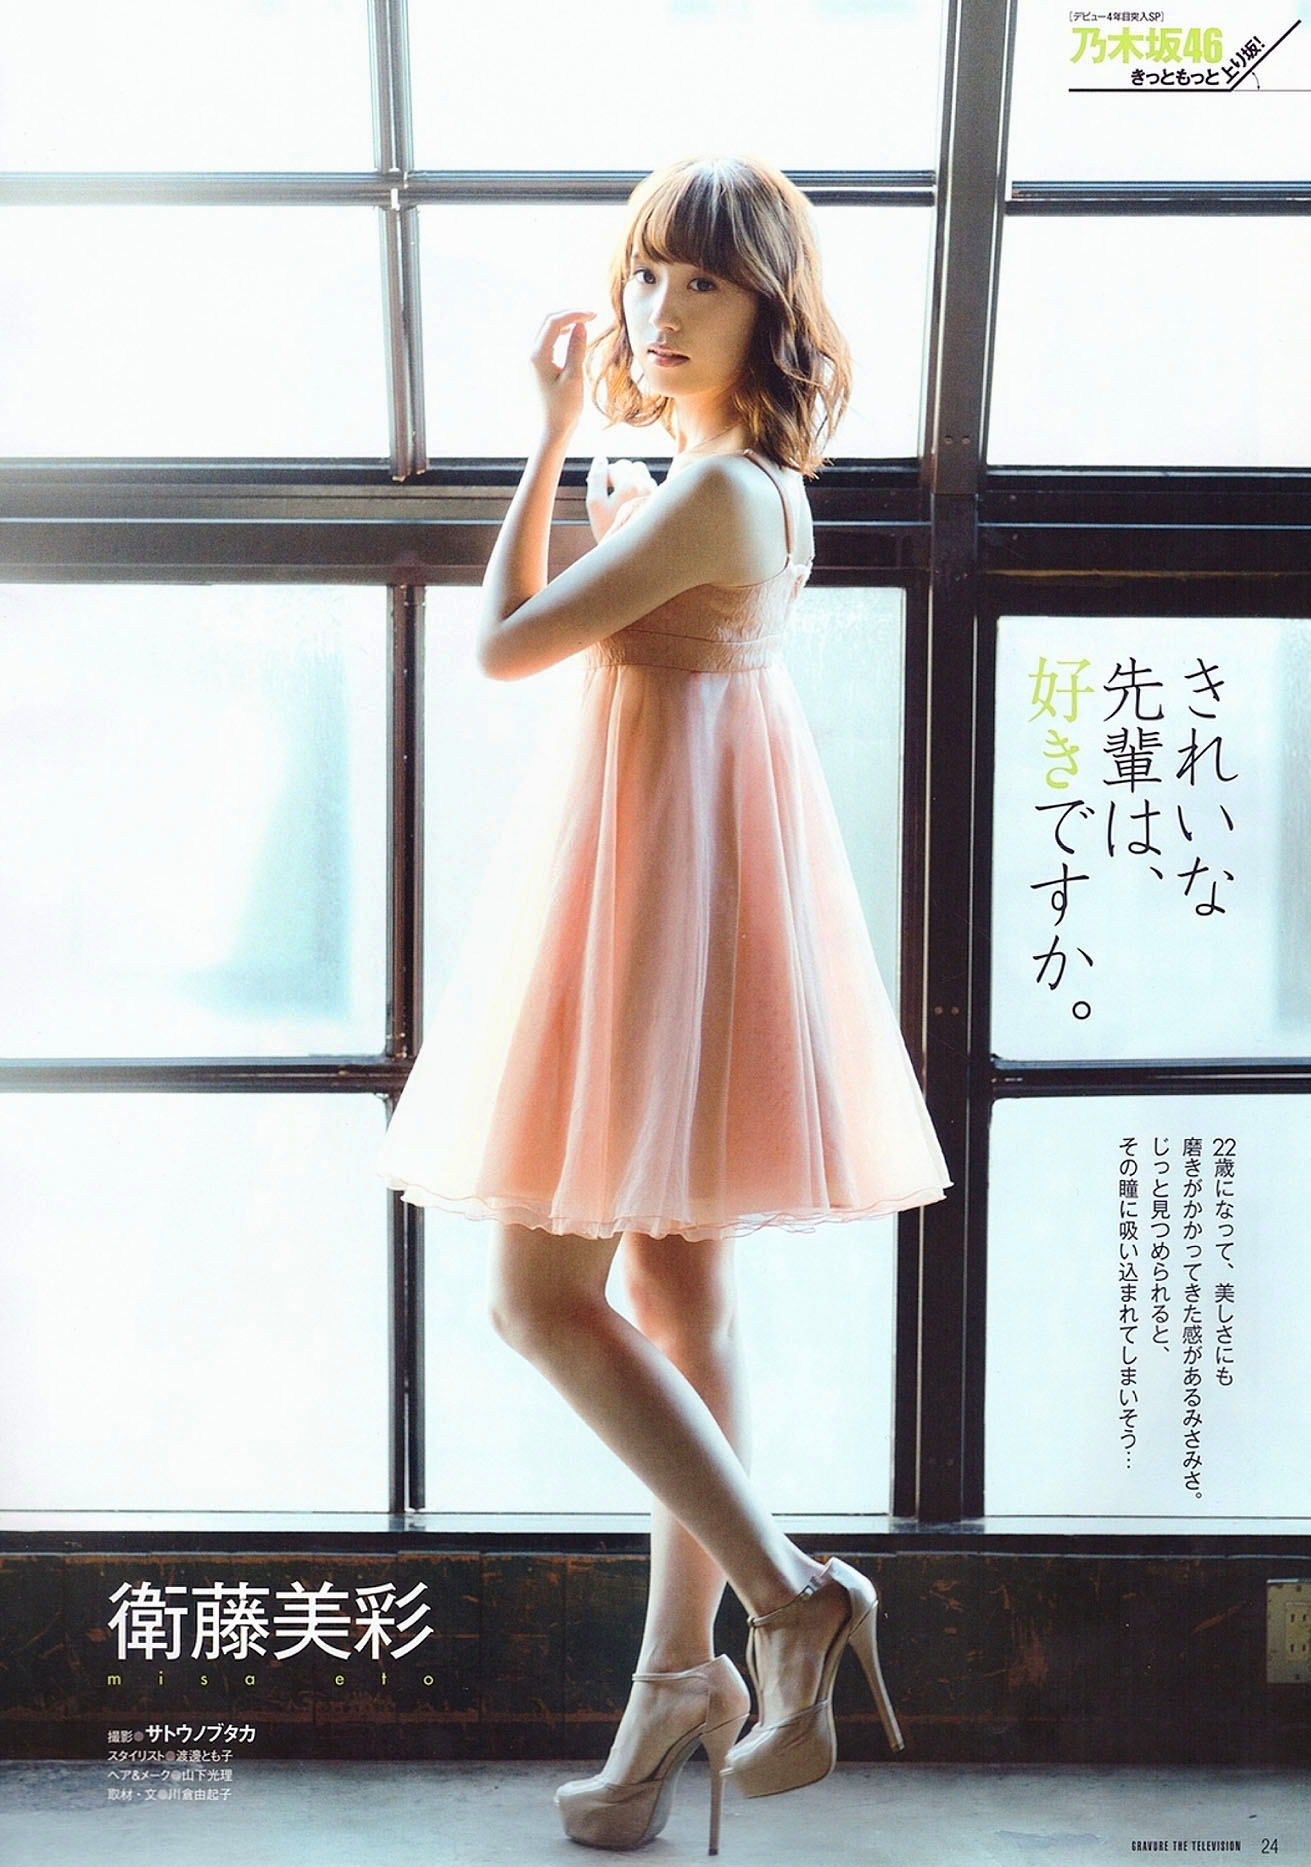 Eto Misa N46 Gravure TV 1503 01.jpg